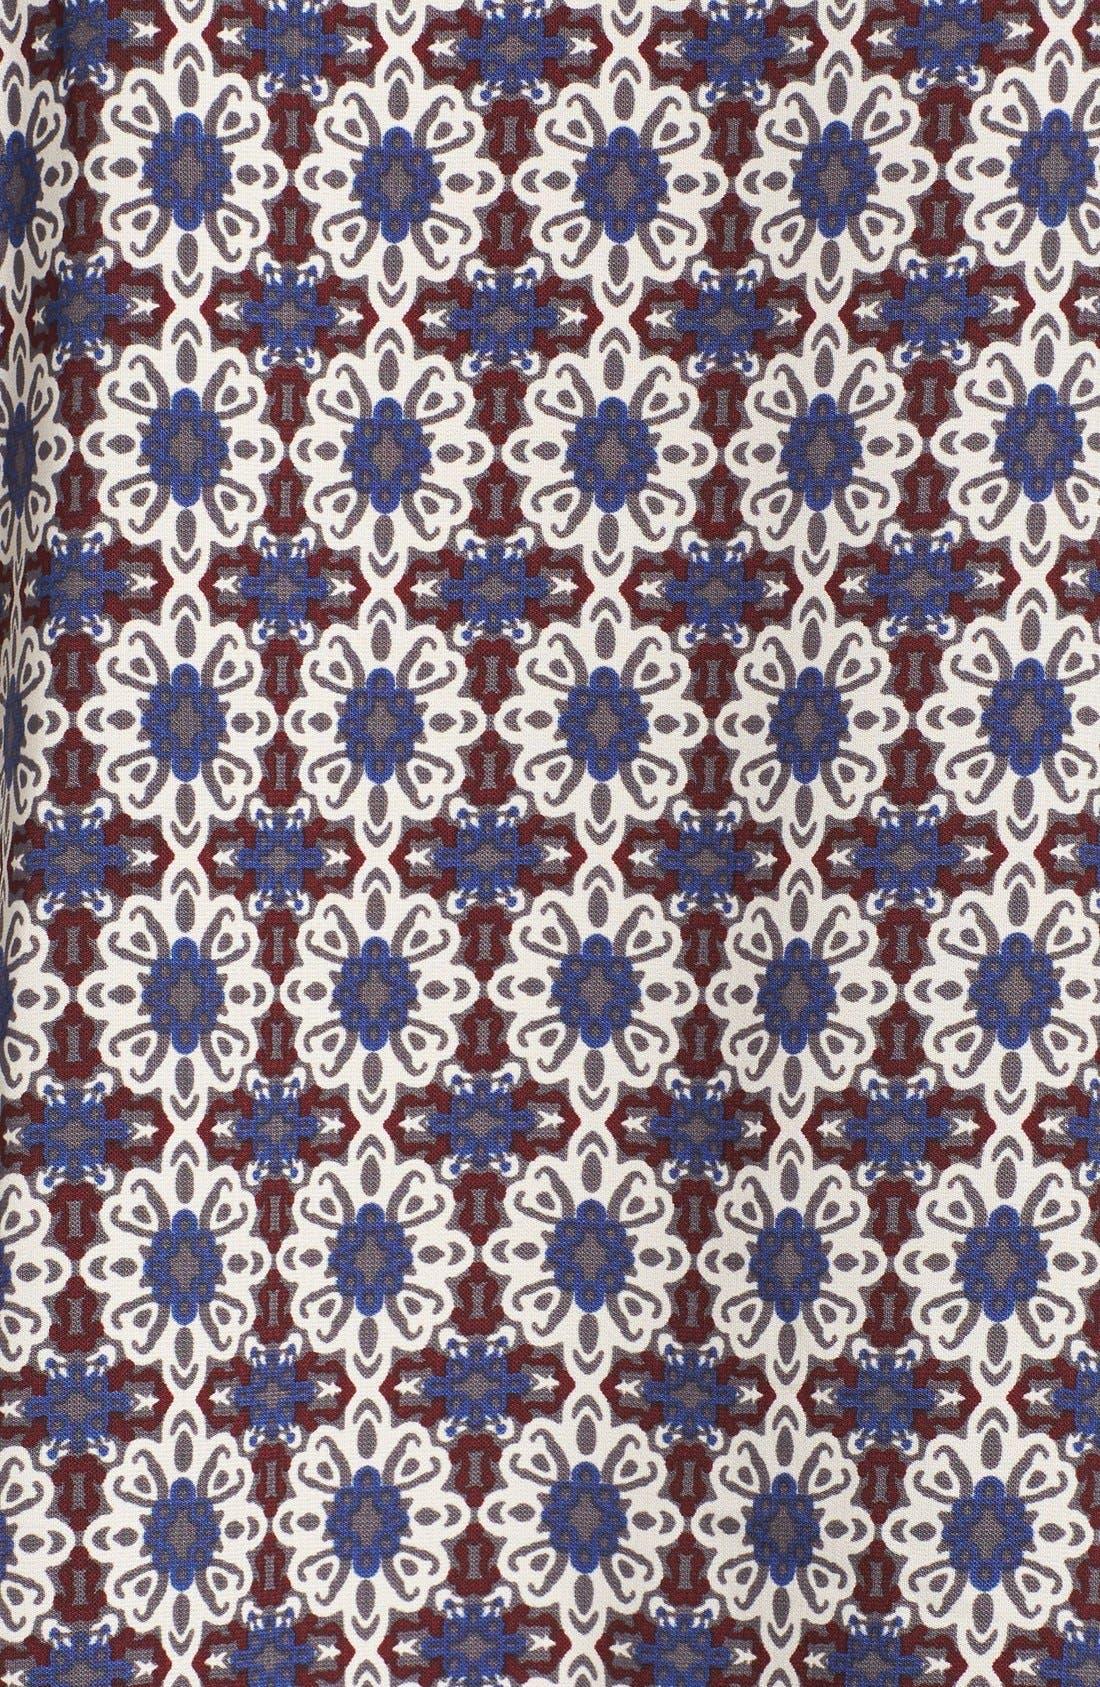 Catella Tunic Dress,                             Alternate thumbnail 11, color,                             410